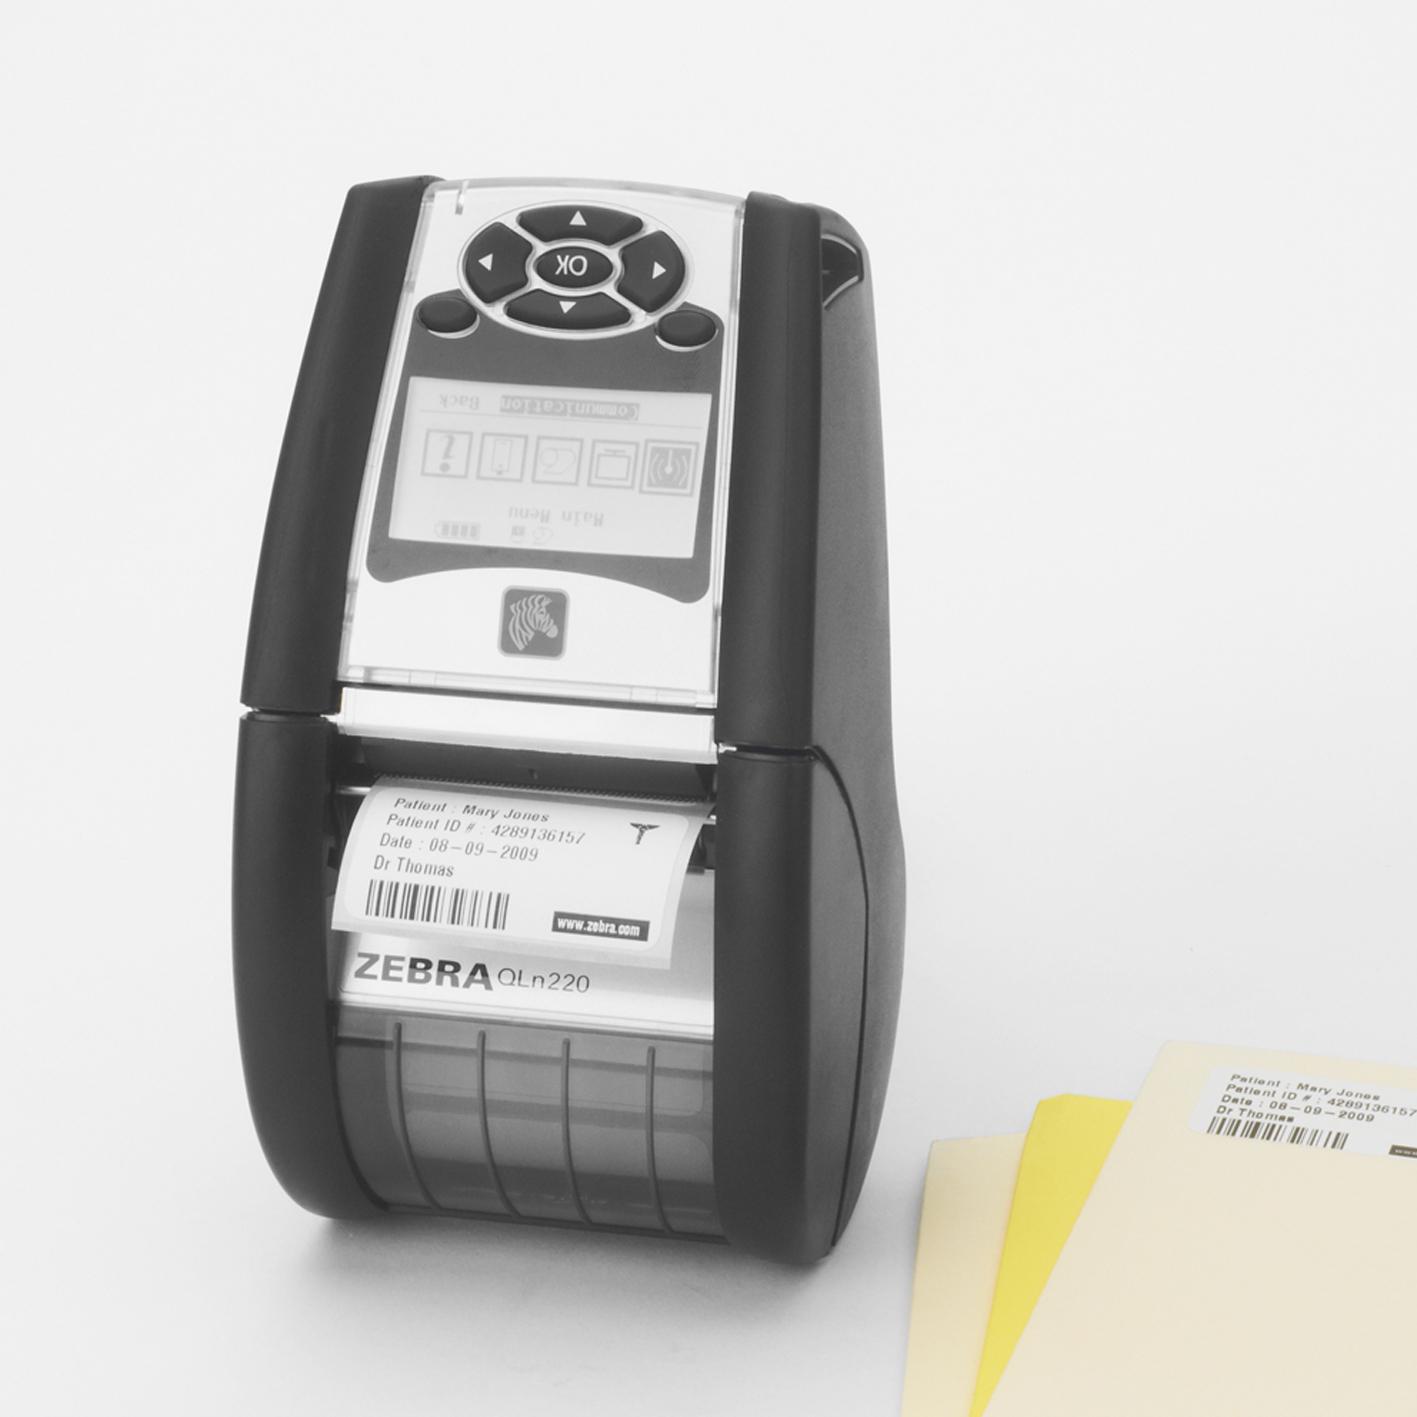 Imprimante portable ZEBRA QLn320